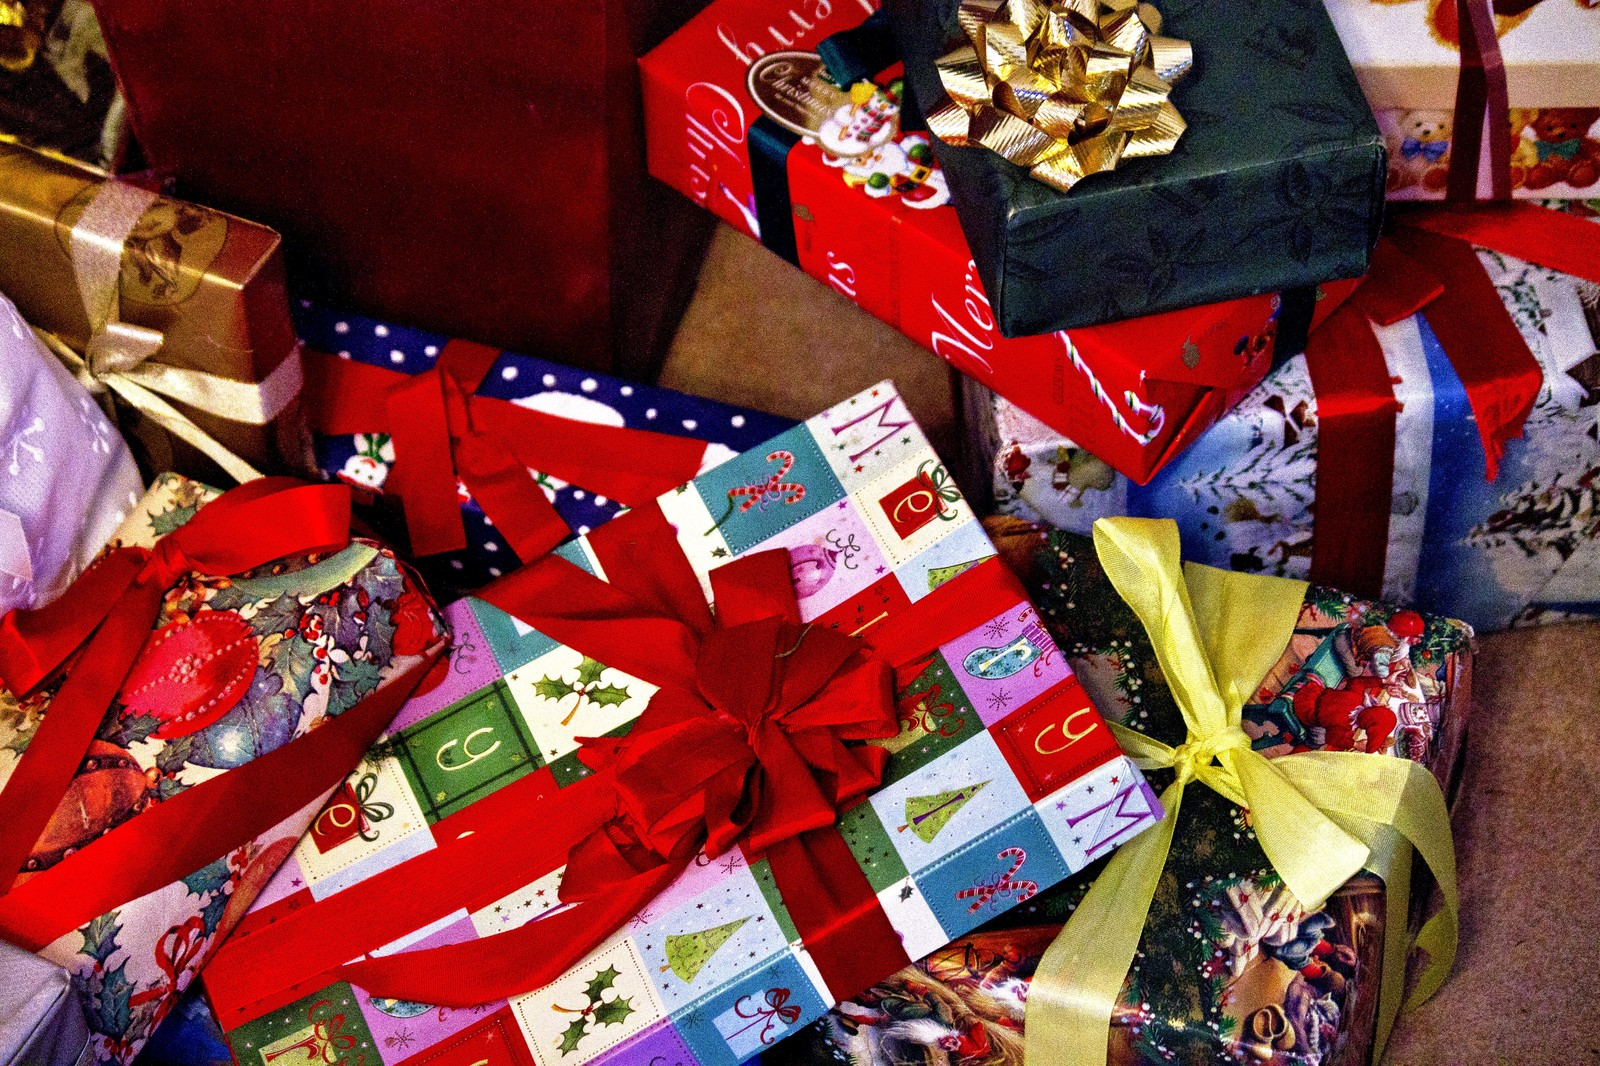 クリスマスプレゼント2020!嫁にサプライズで贈る方法は予算がなくても大丈夫!